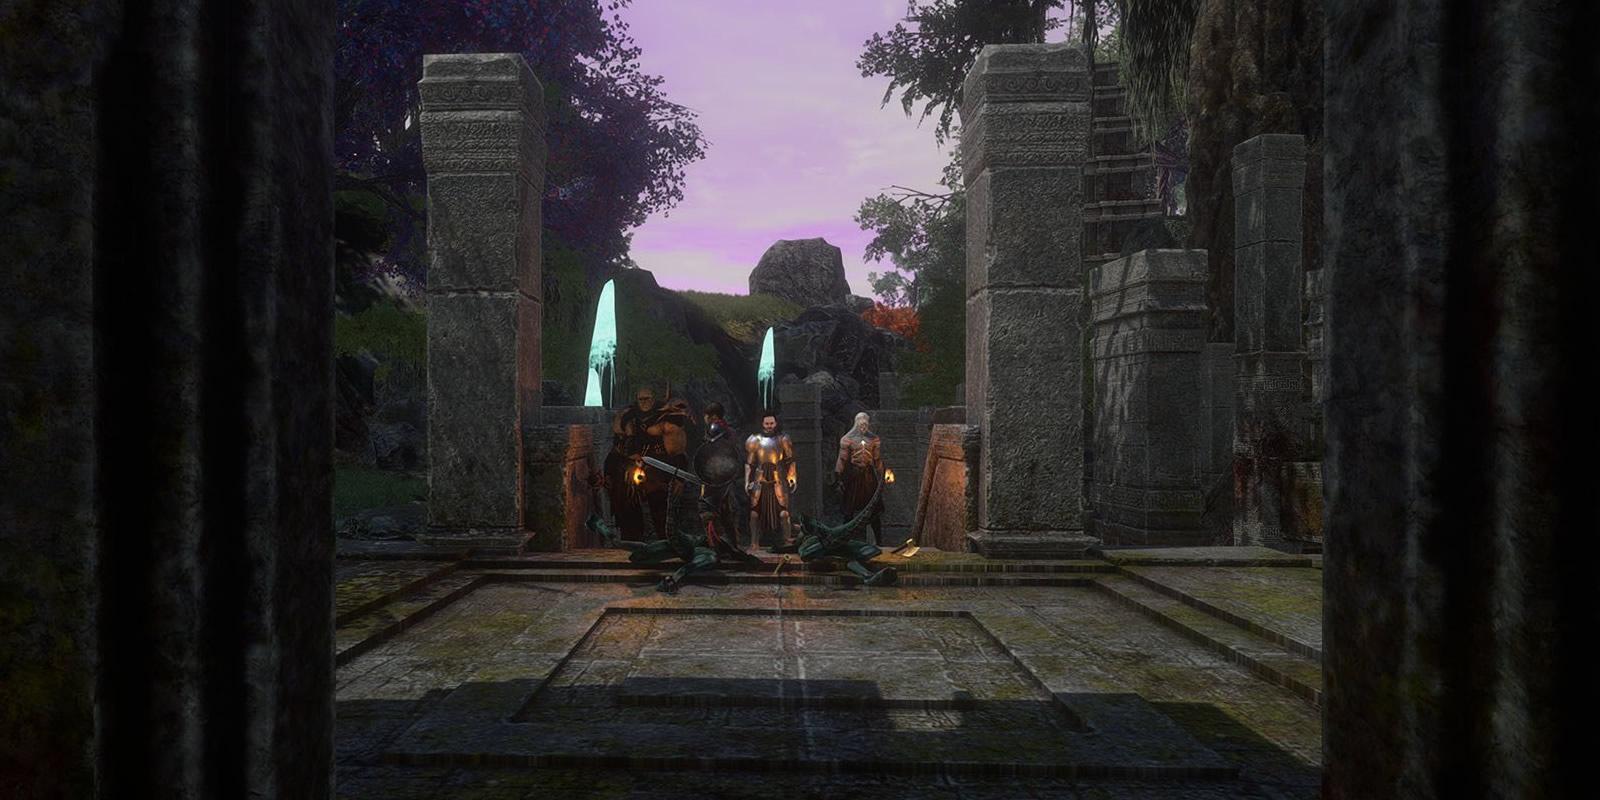 Pantheon: Система поиска партнеров: зачем она и что значит для нас (часть первая)